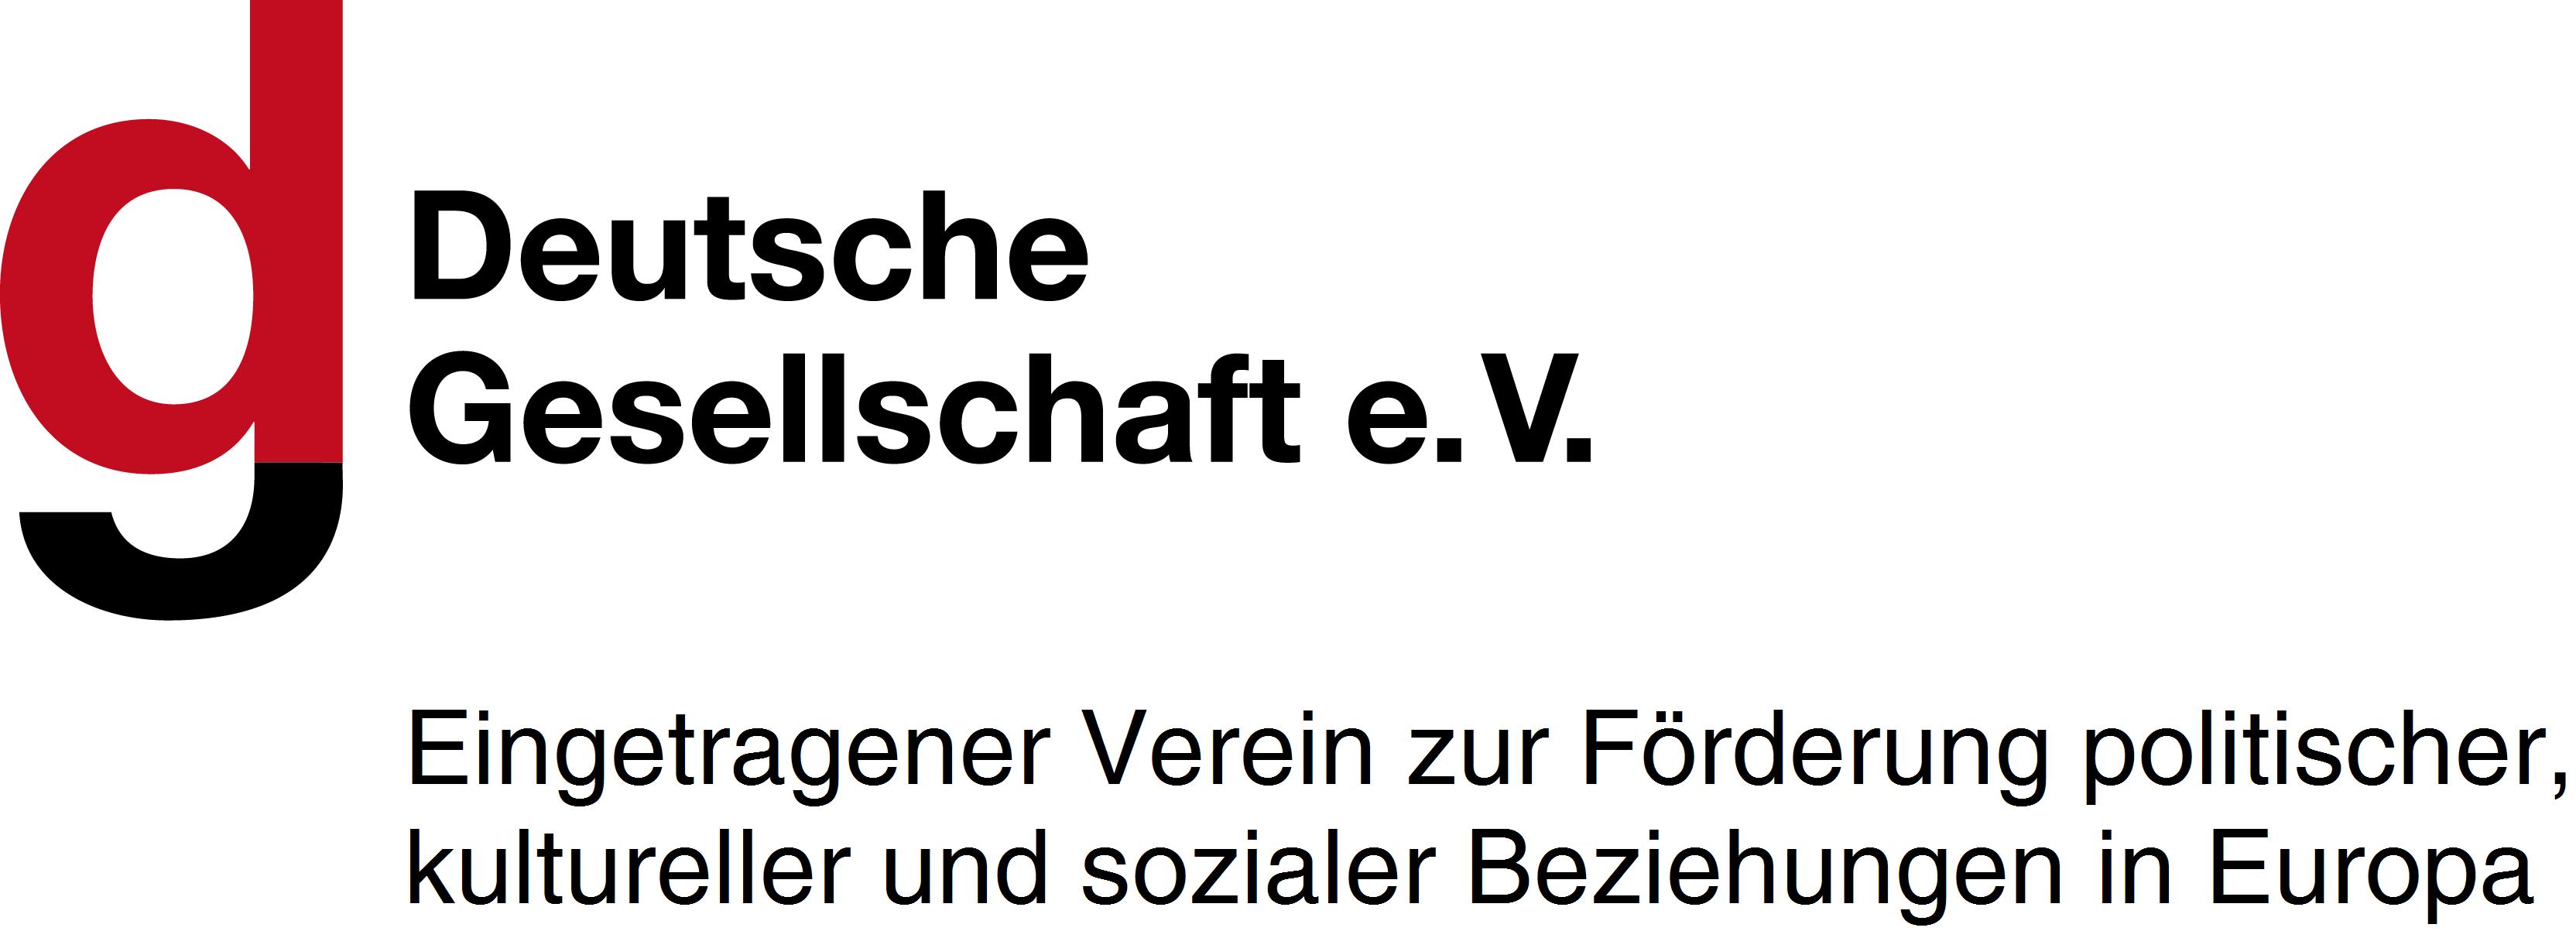 logo-deutsche-gesellschaft-e-v